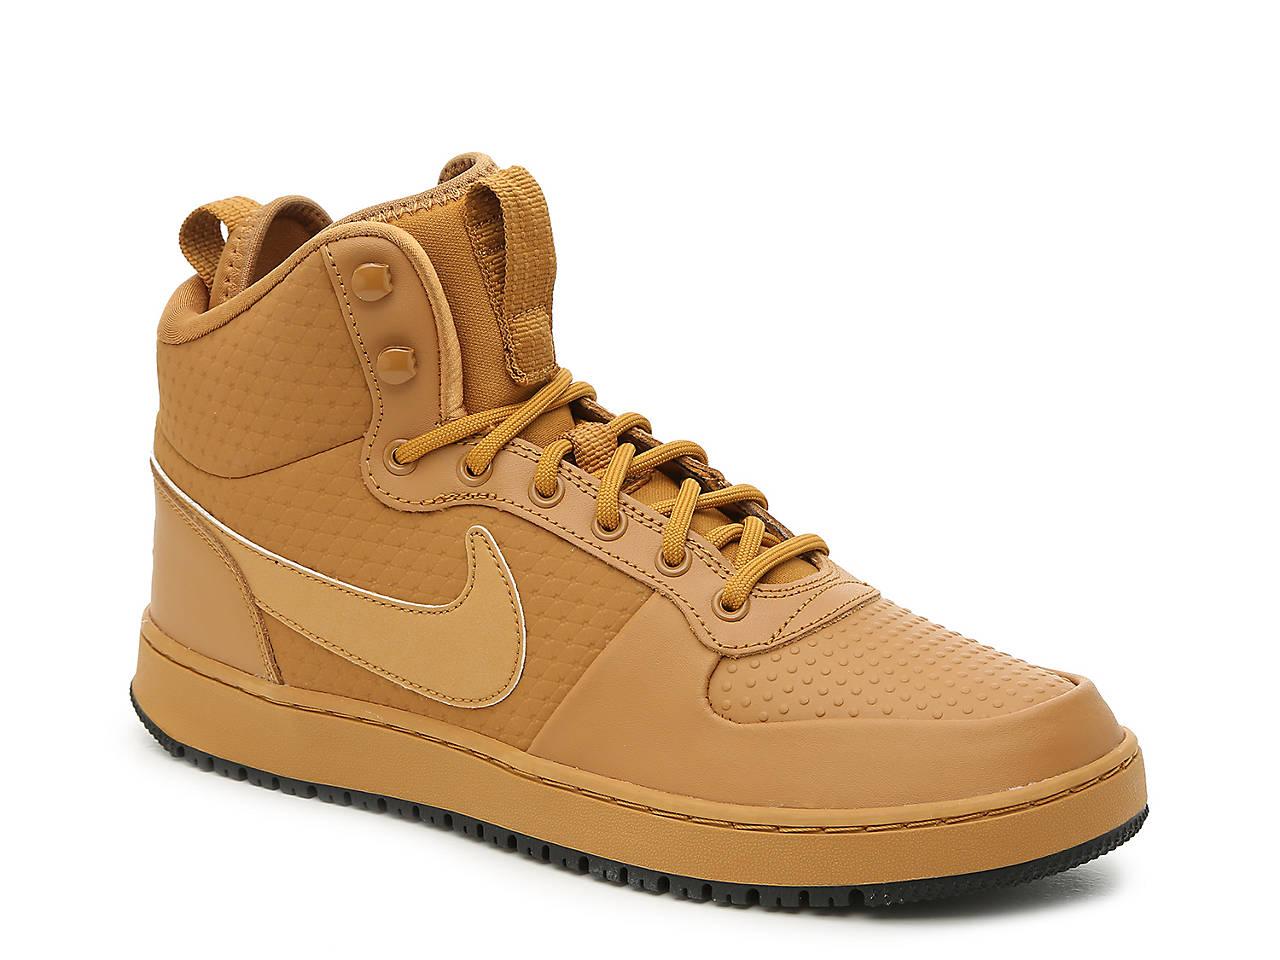 Ebernon High-Top Sneaker - Men's